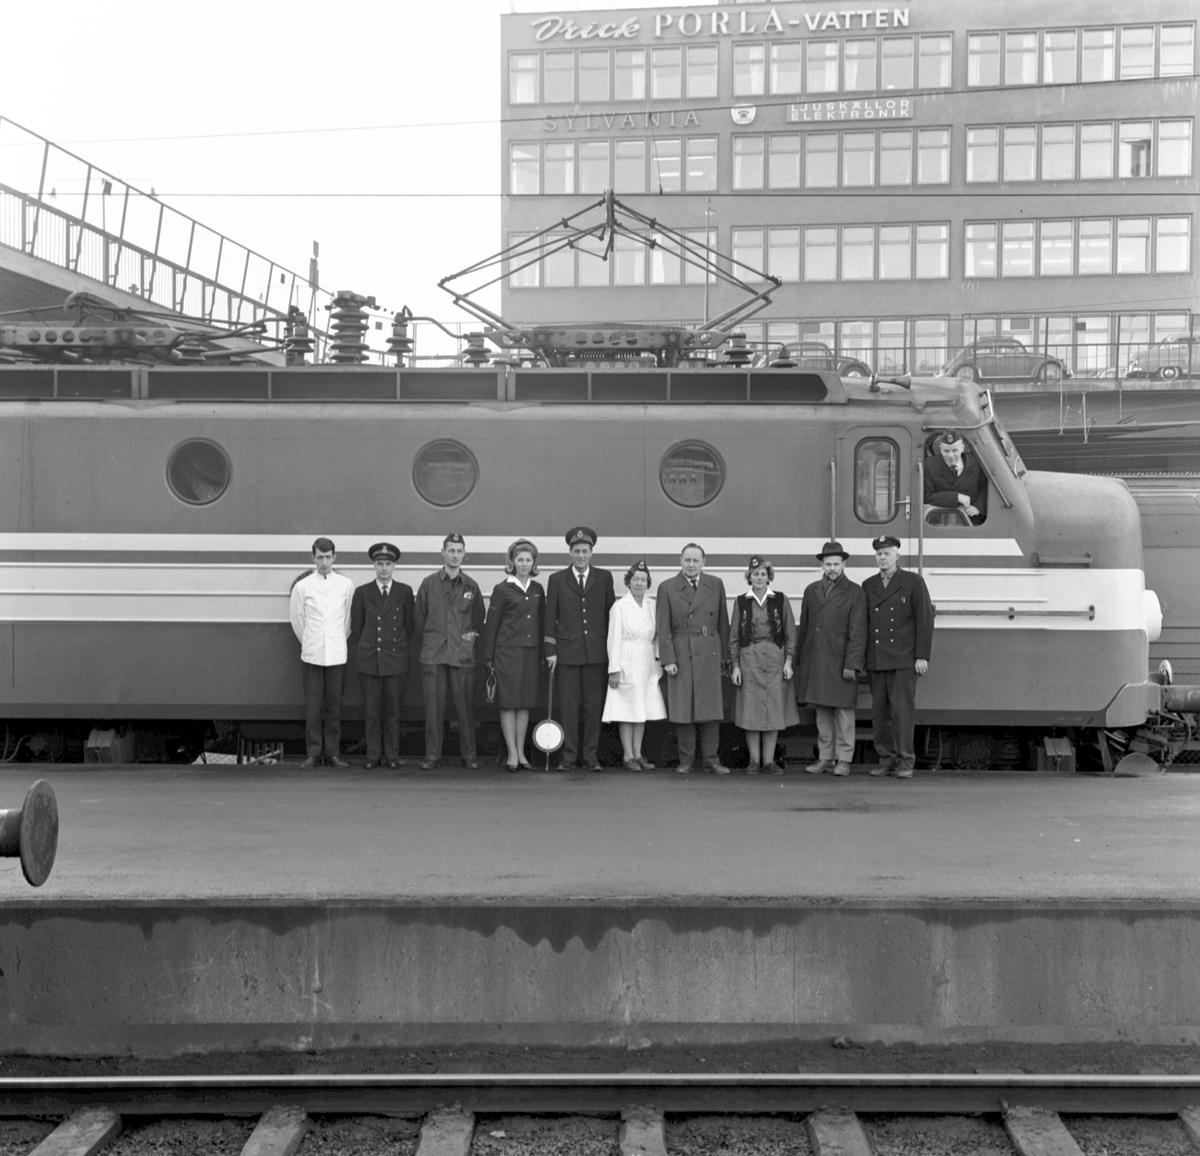 Iordningställande av servicen ombord, tåg- och lekpersonal. Statens Järnvägar SJ Ra-lok.